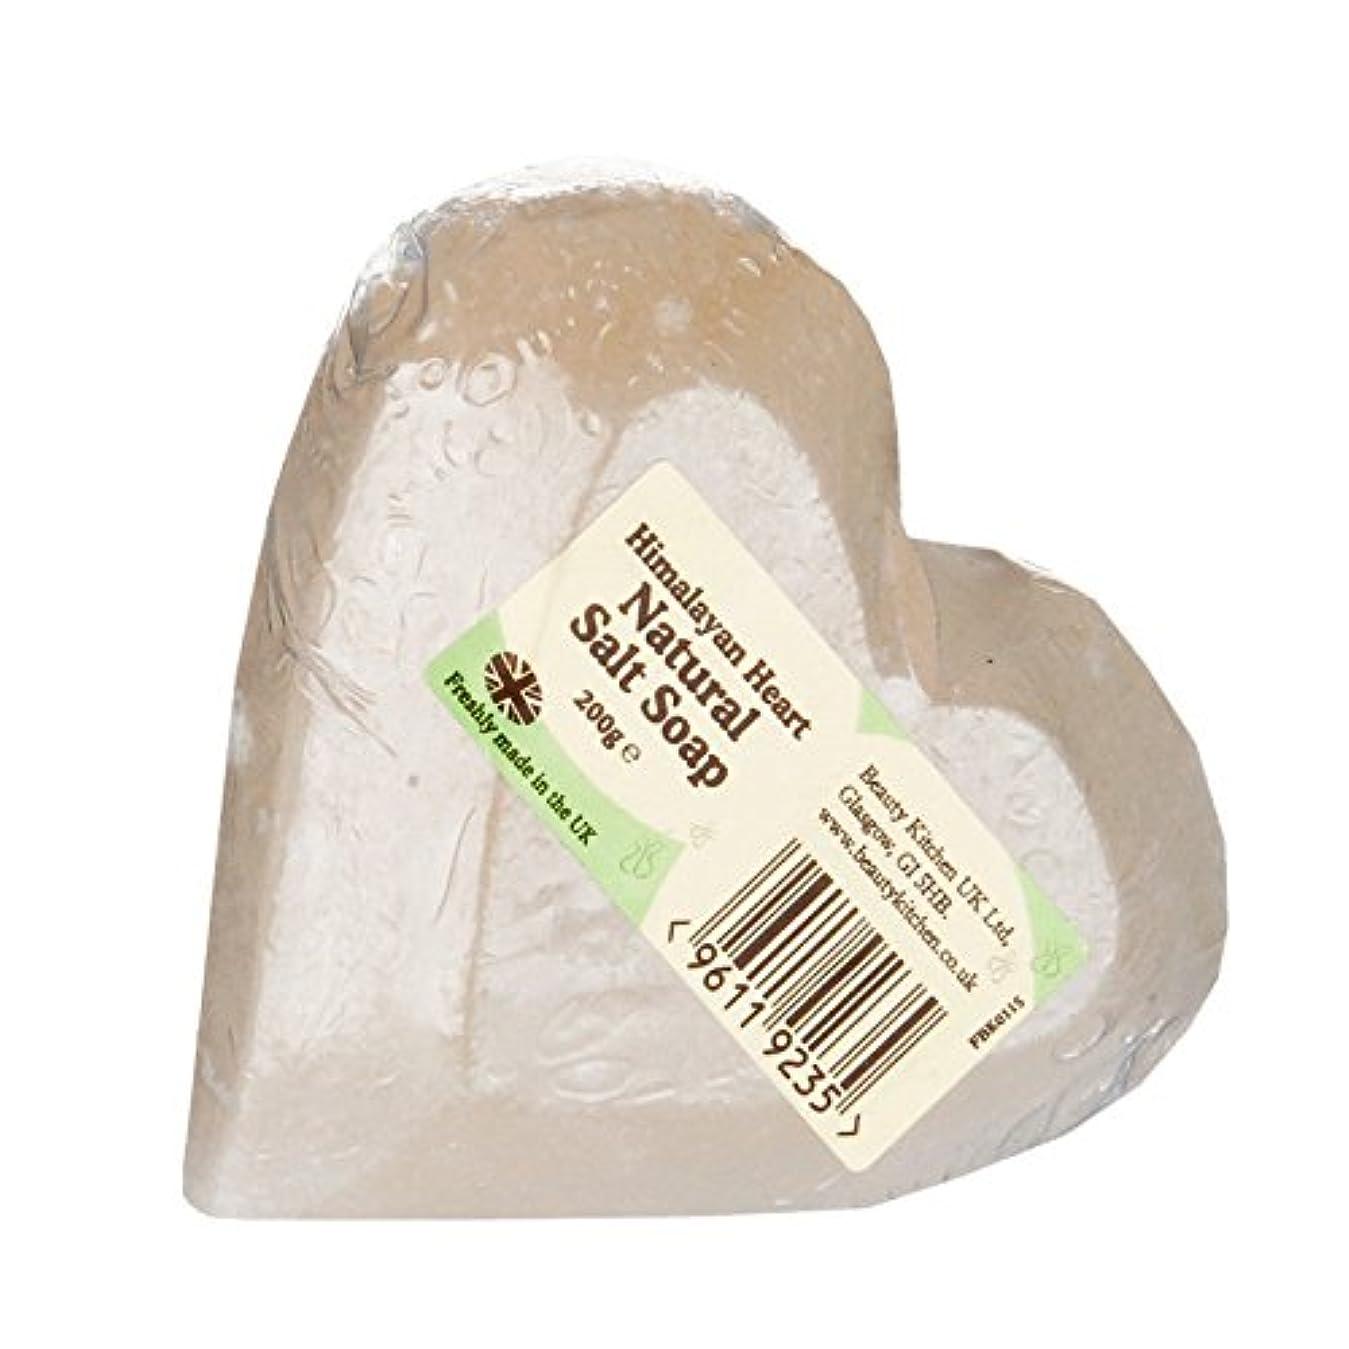 談話結婚式ひまわりBeauty Kitchen Himalayan Heart Soap 200g (Pack of 2) - 美容キッチンヒマラヤンハートソープ200グラム (x2) [並行輸入品]